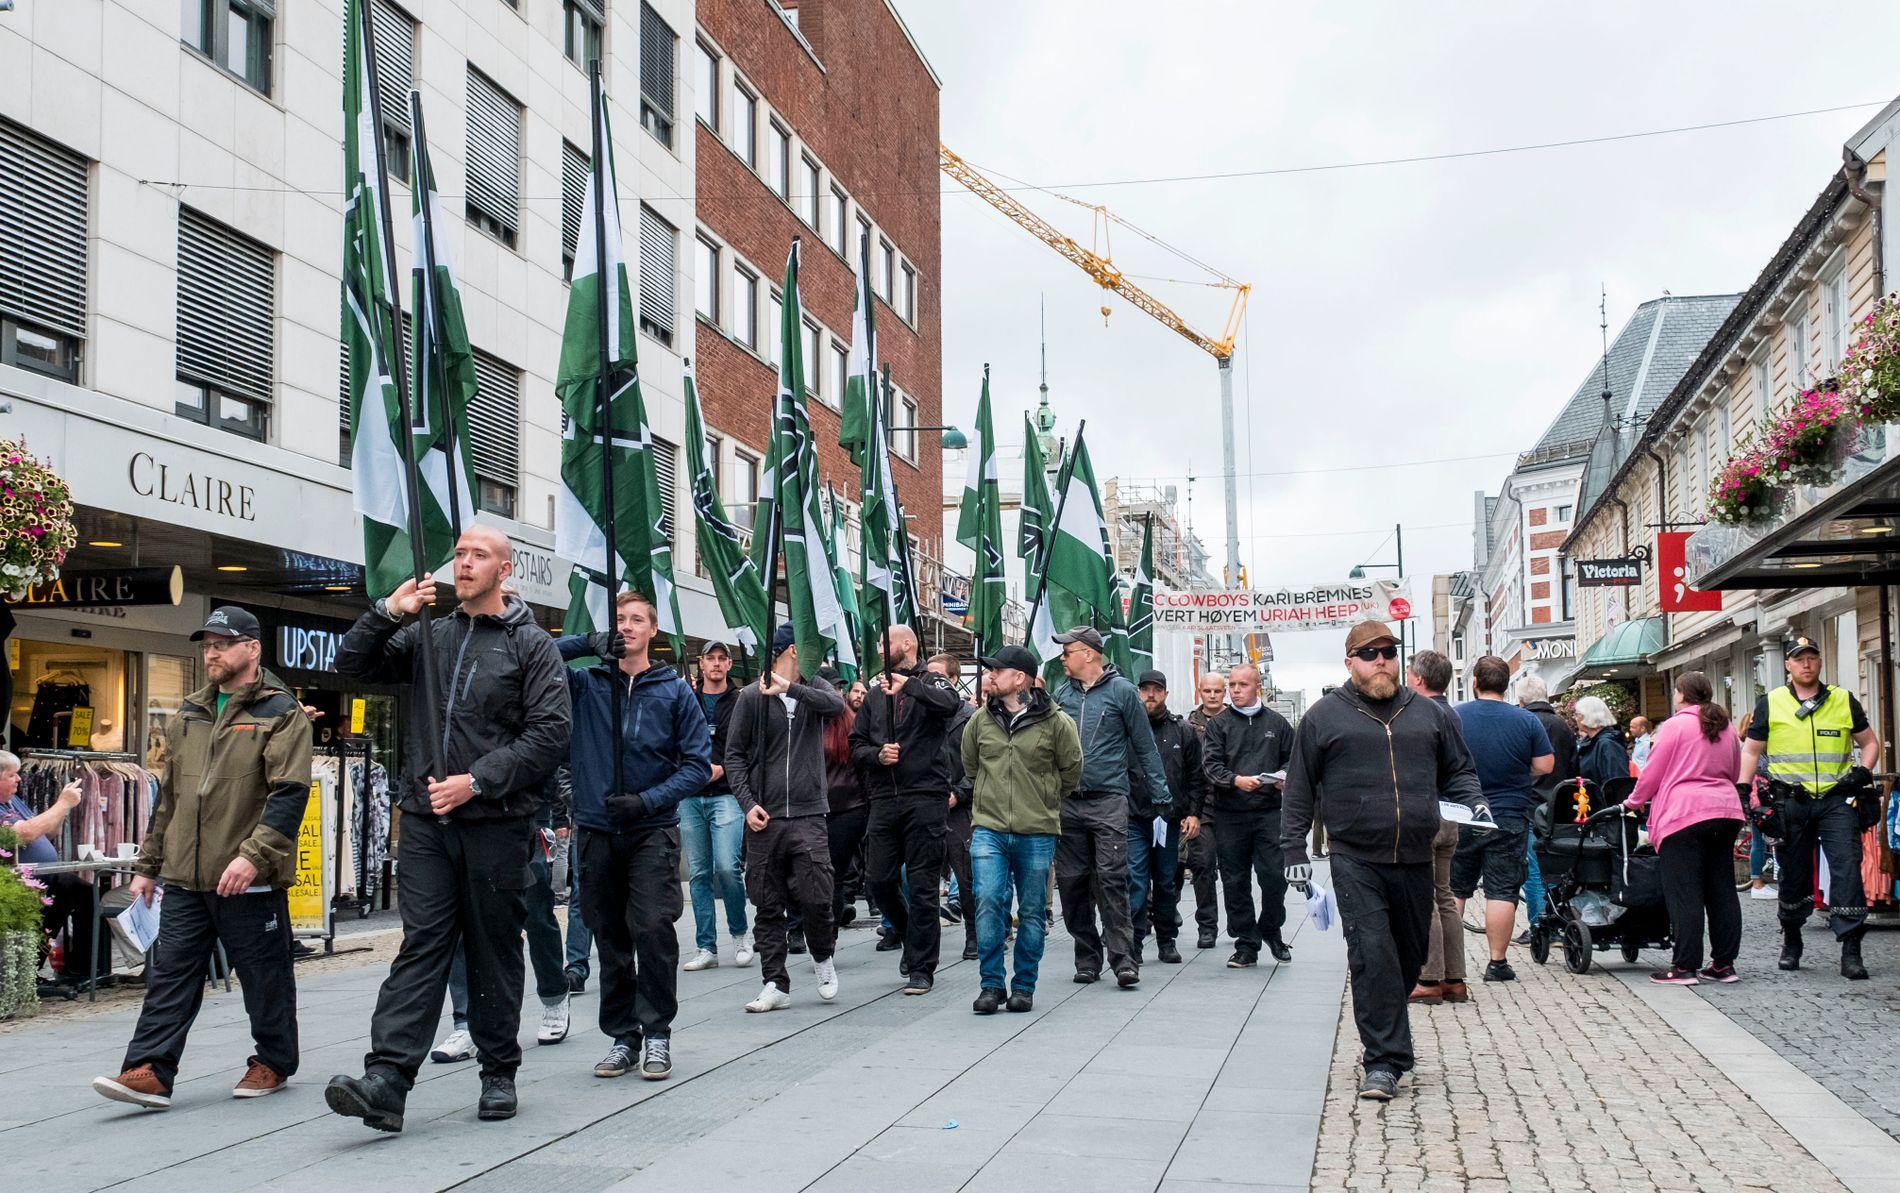 I MARKENS GATE: I frykt for gateslagsmål lot politiet i Agder høyreekstreme få demonstrere i Kristiansands paradegate Marken lørdag. Dette til tross for at demonstrantene ikke hadde innhentet tillatelse.